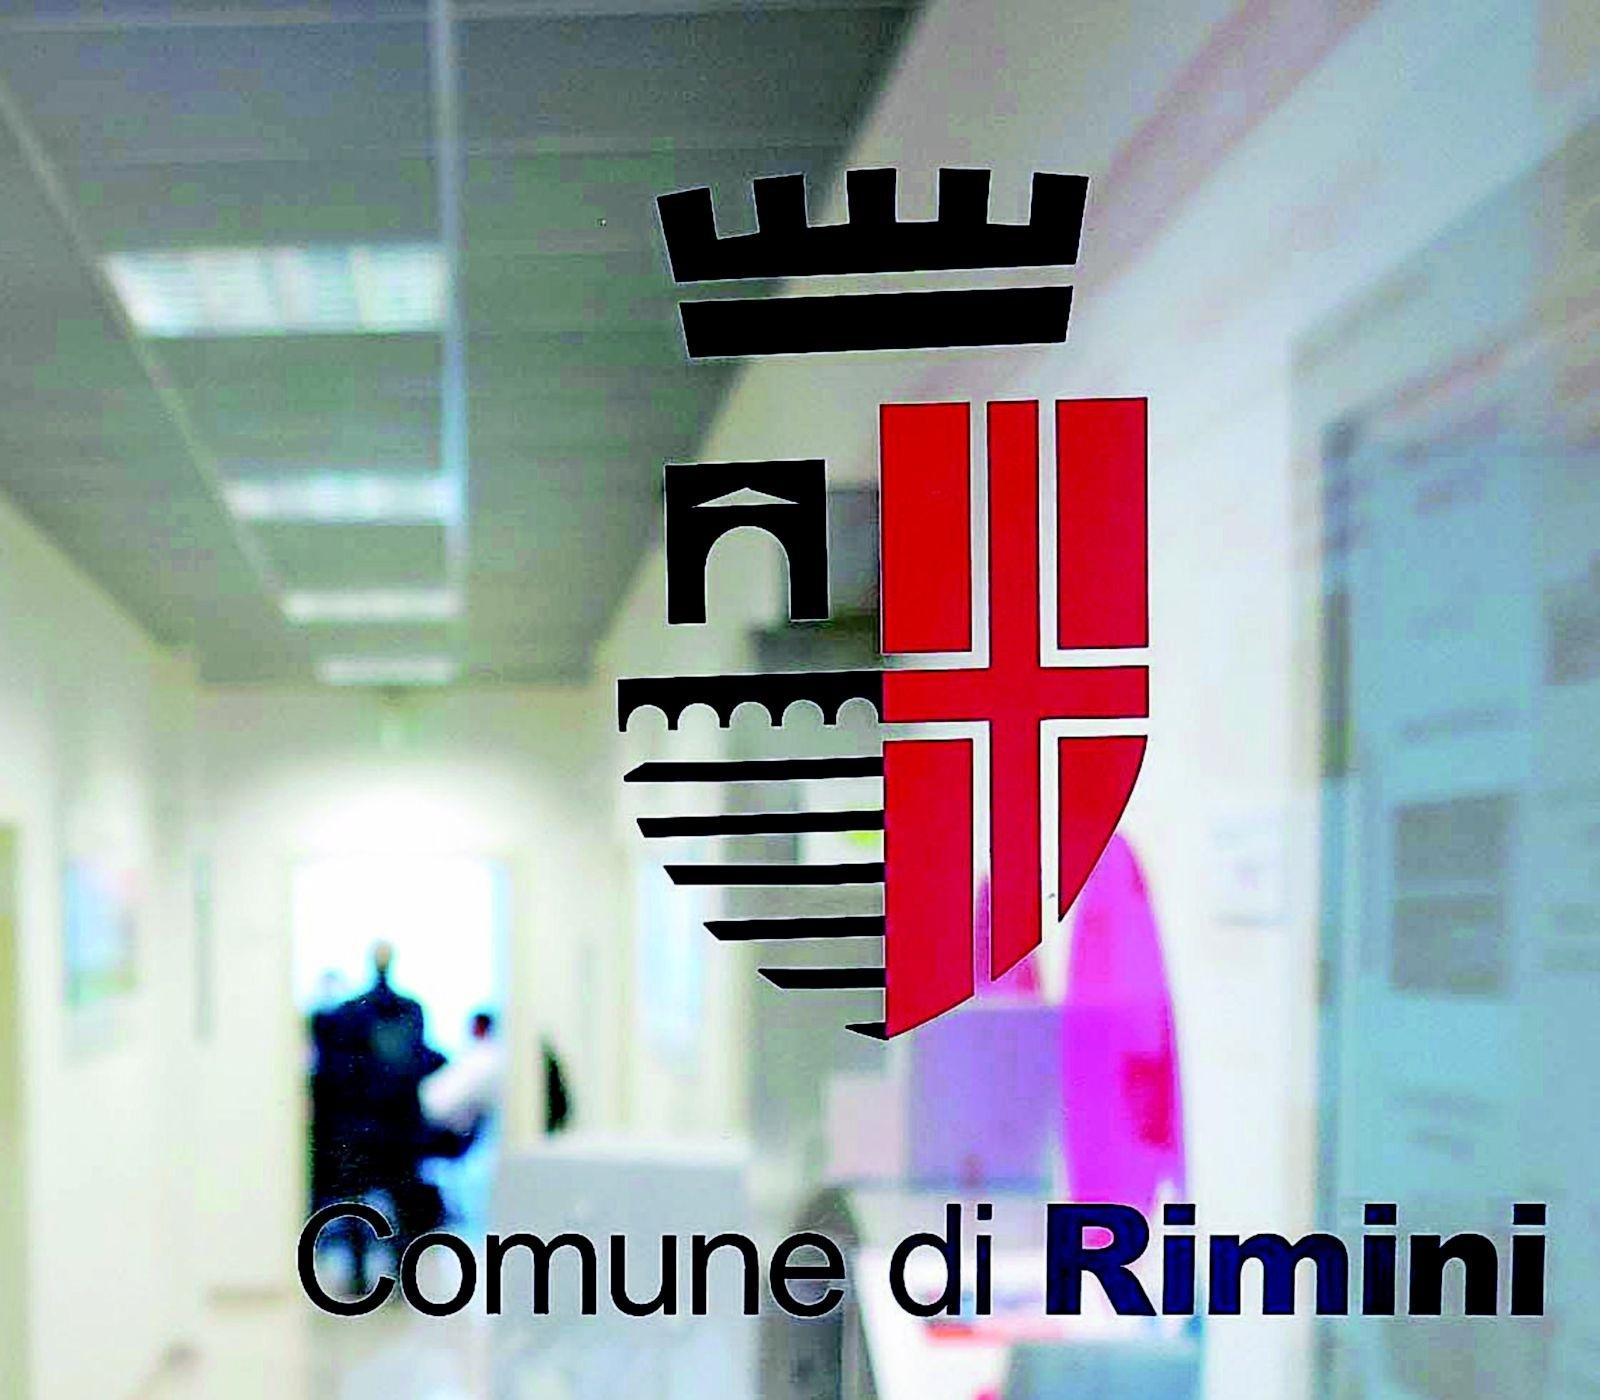 Richiedenti asilo. Comune di Rimini: sì a iscrizione all'anagrafe